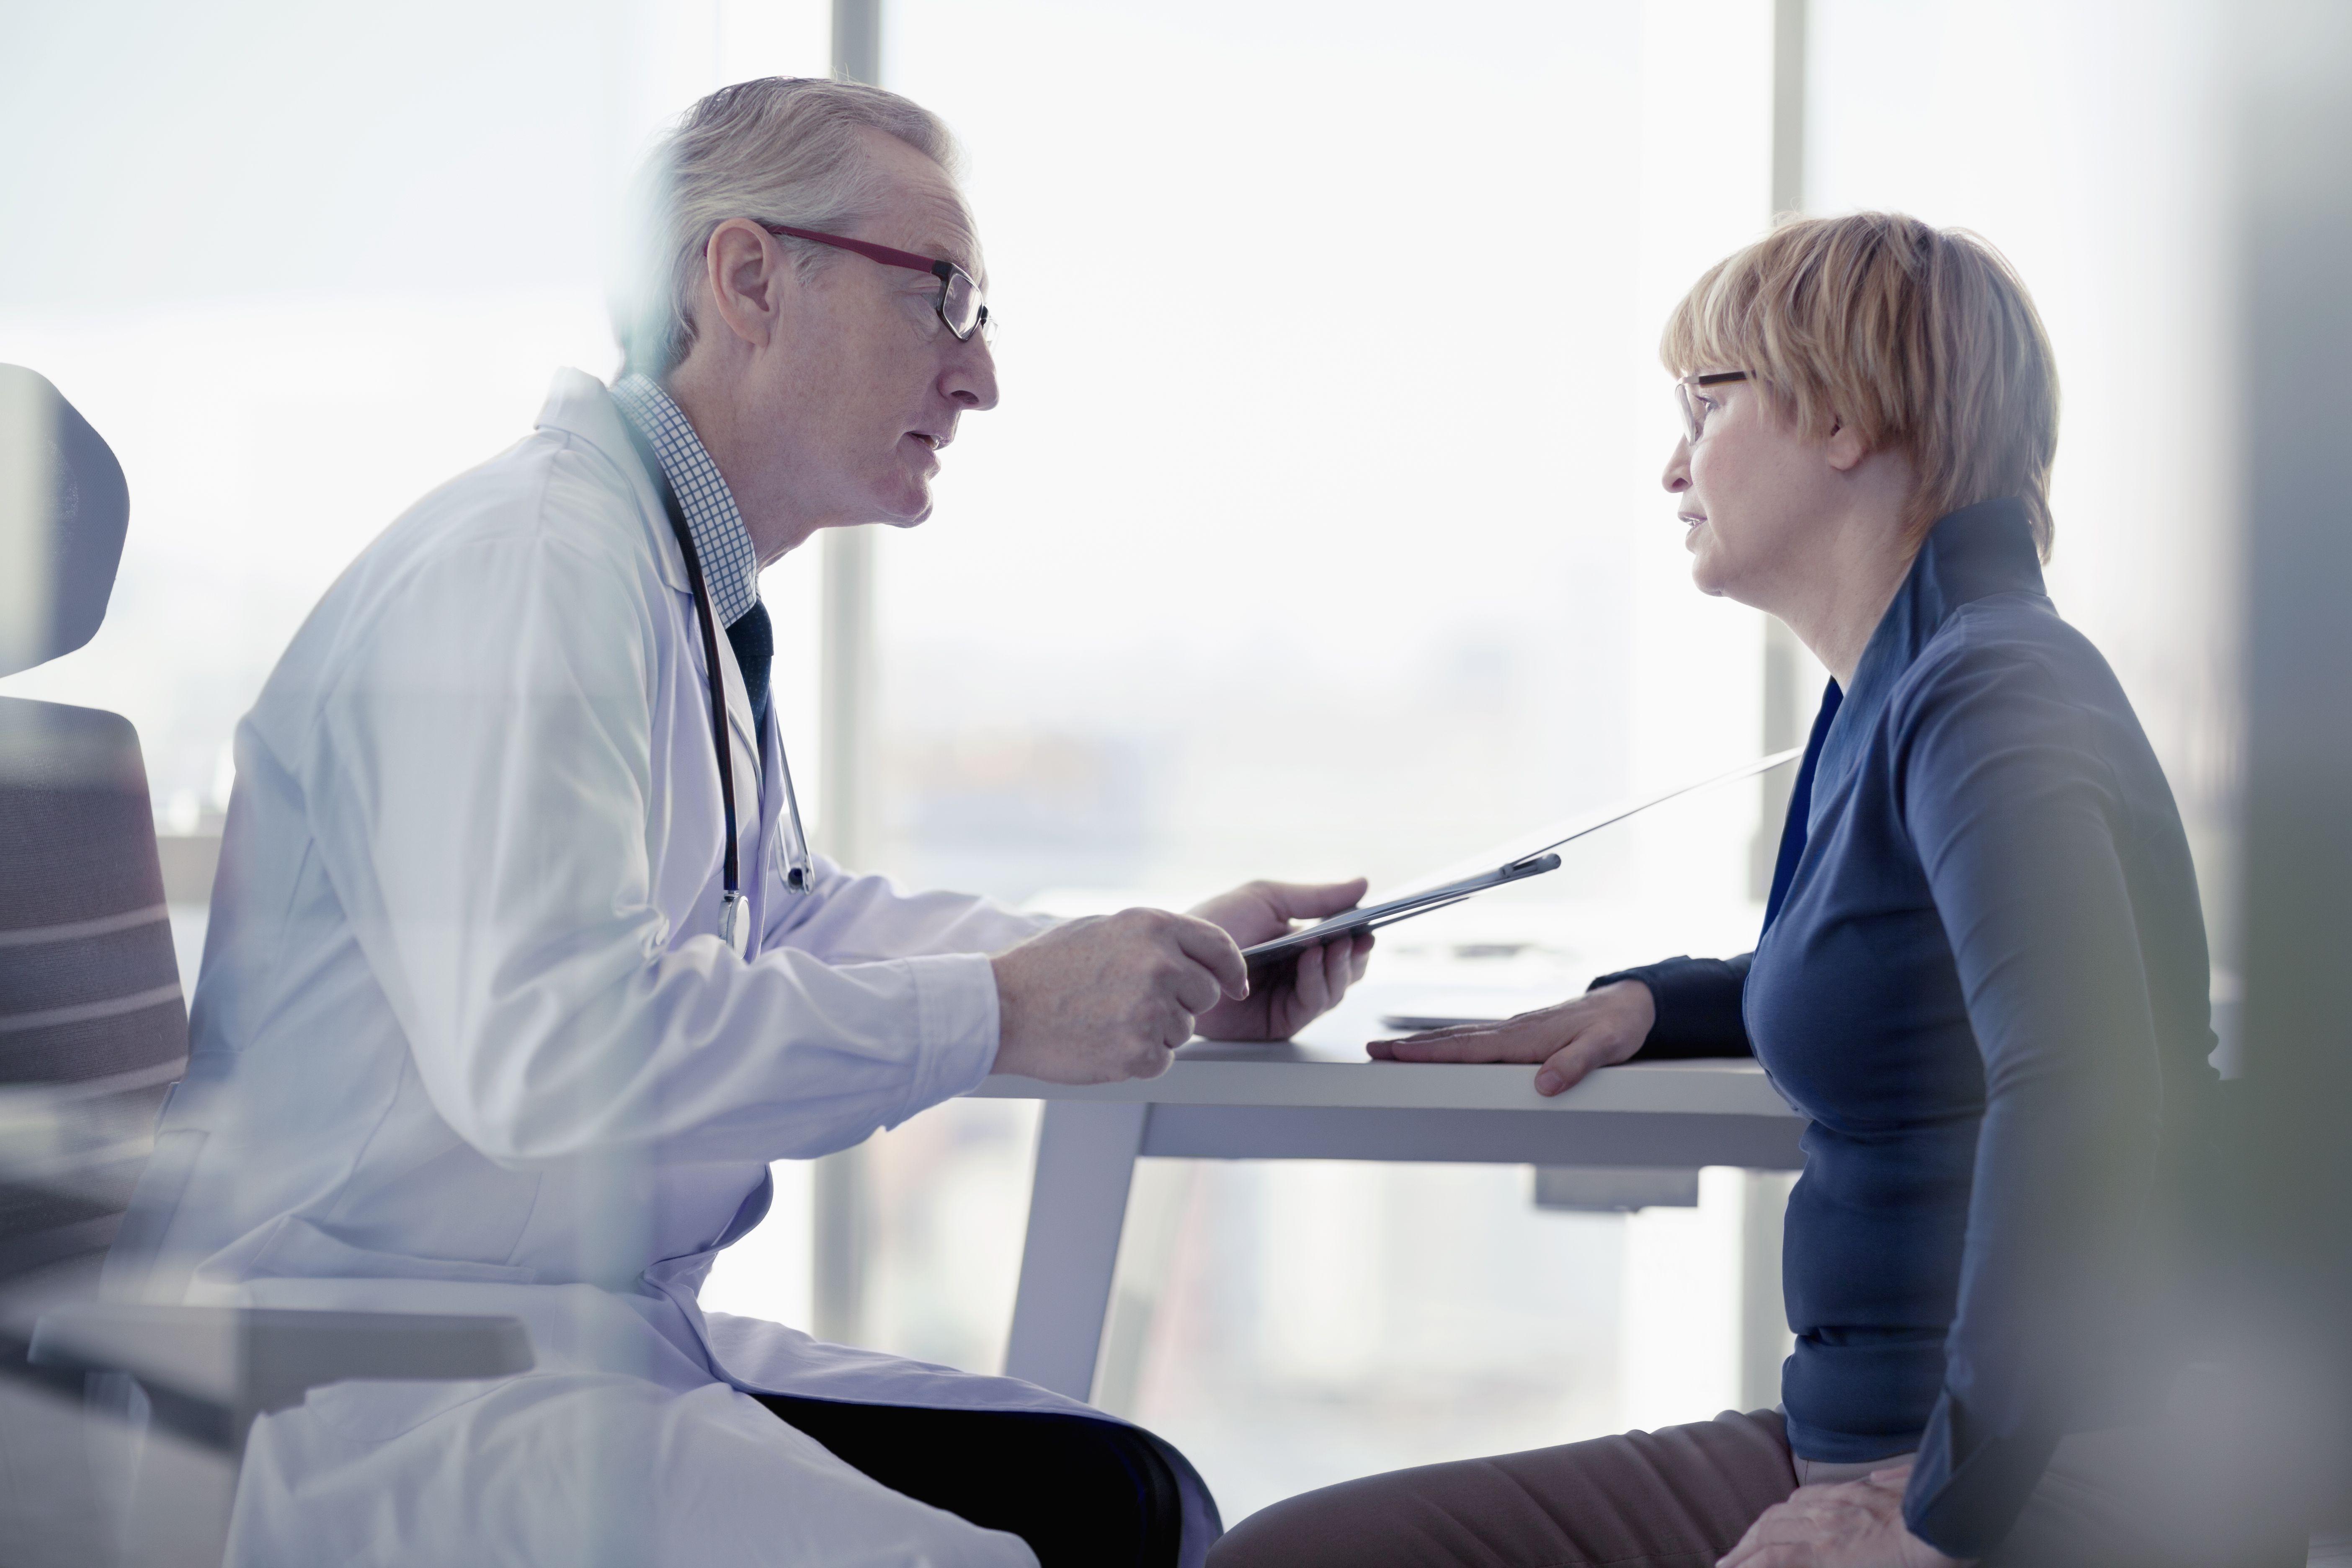 «Пациенты стали злиться снятию серьёзных диагнозов – ведь это льготы и пенсии»